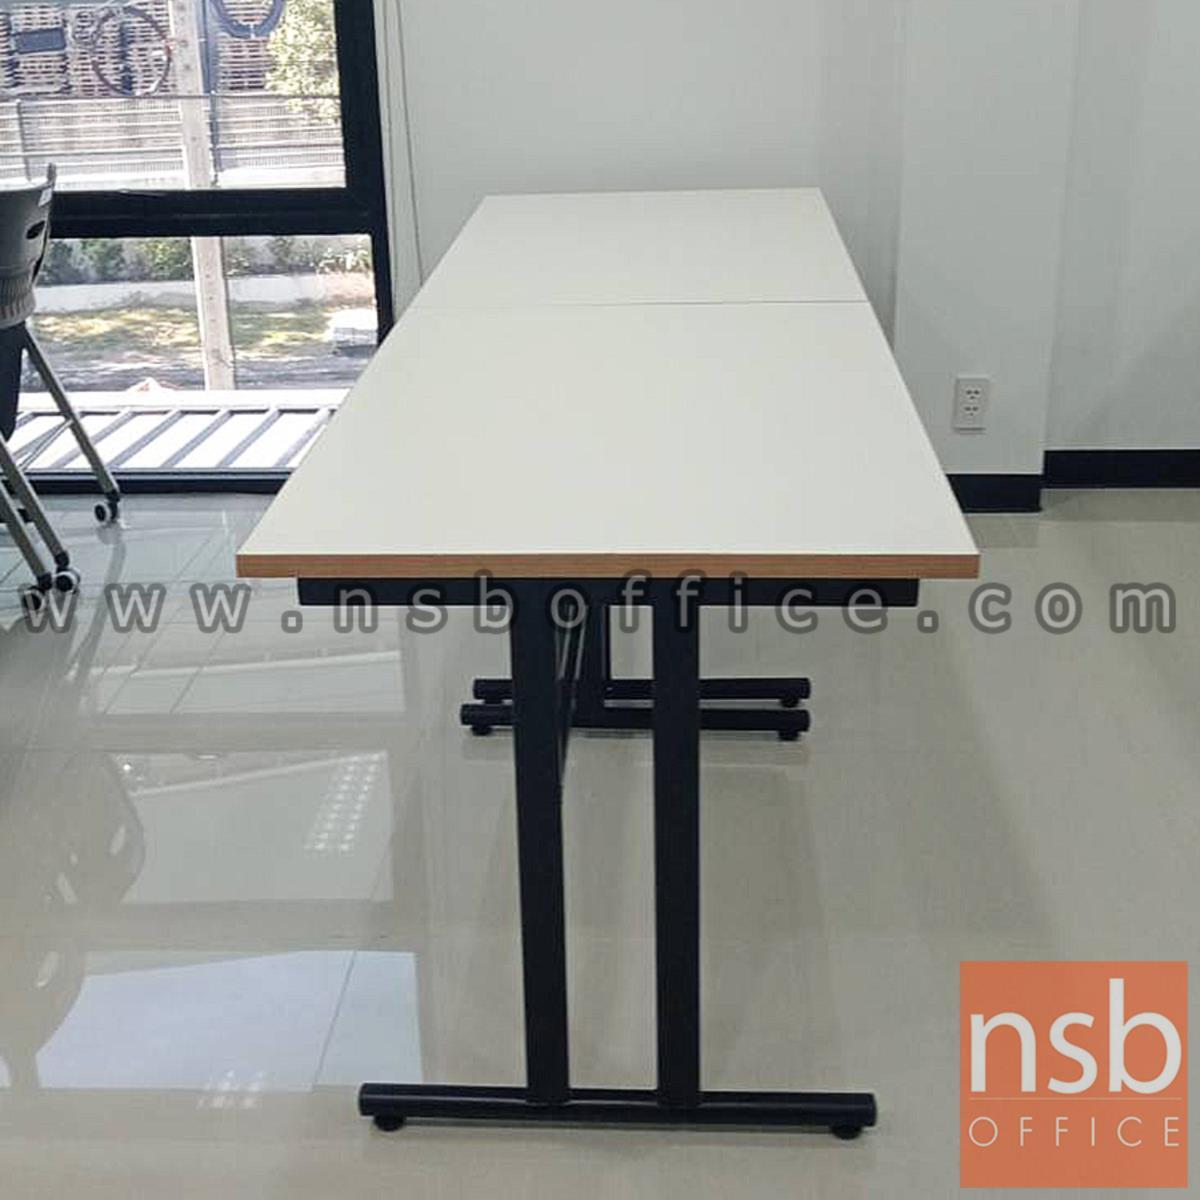 โต๊ะประชุมหน้าโฟเมก้าขาว รุ่น Edwinna (เอดวินน่า) ขนาด 120W cm.   โครงขาถอดประกอบได้